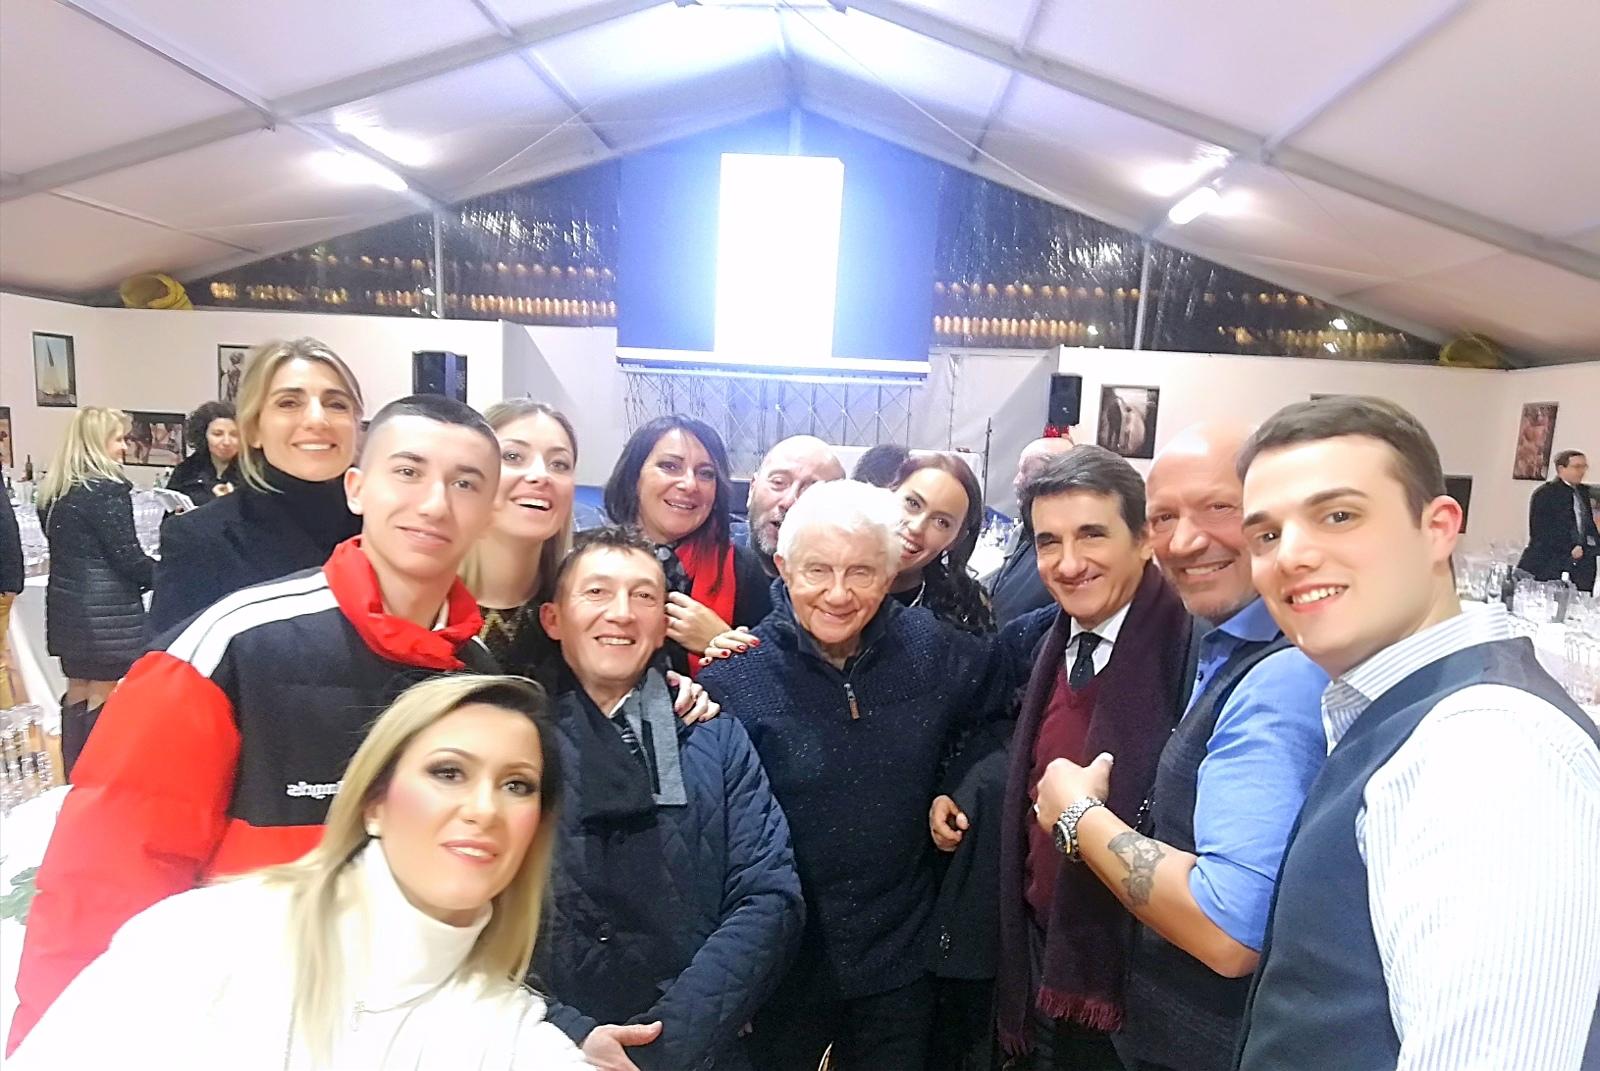 Ospiti del Compleanno di Don Mazzi con la Bloggher Konny Bilotta tra i tanti Uban Cairo